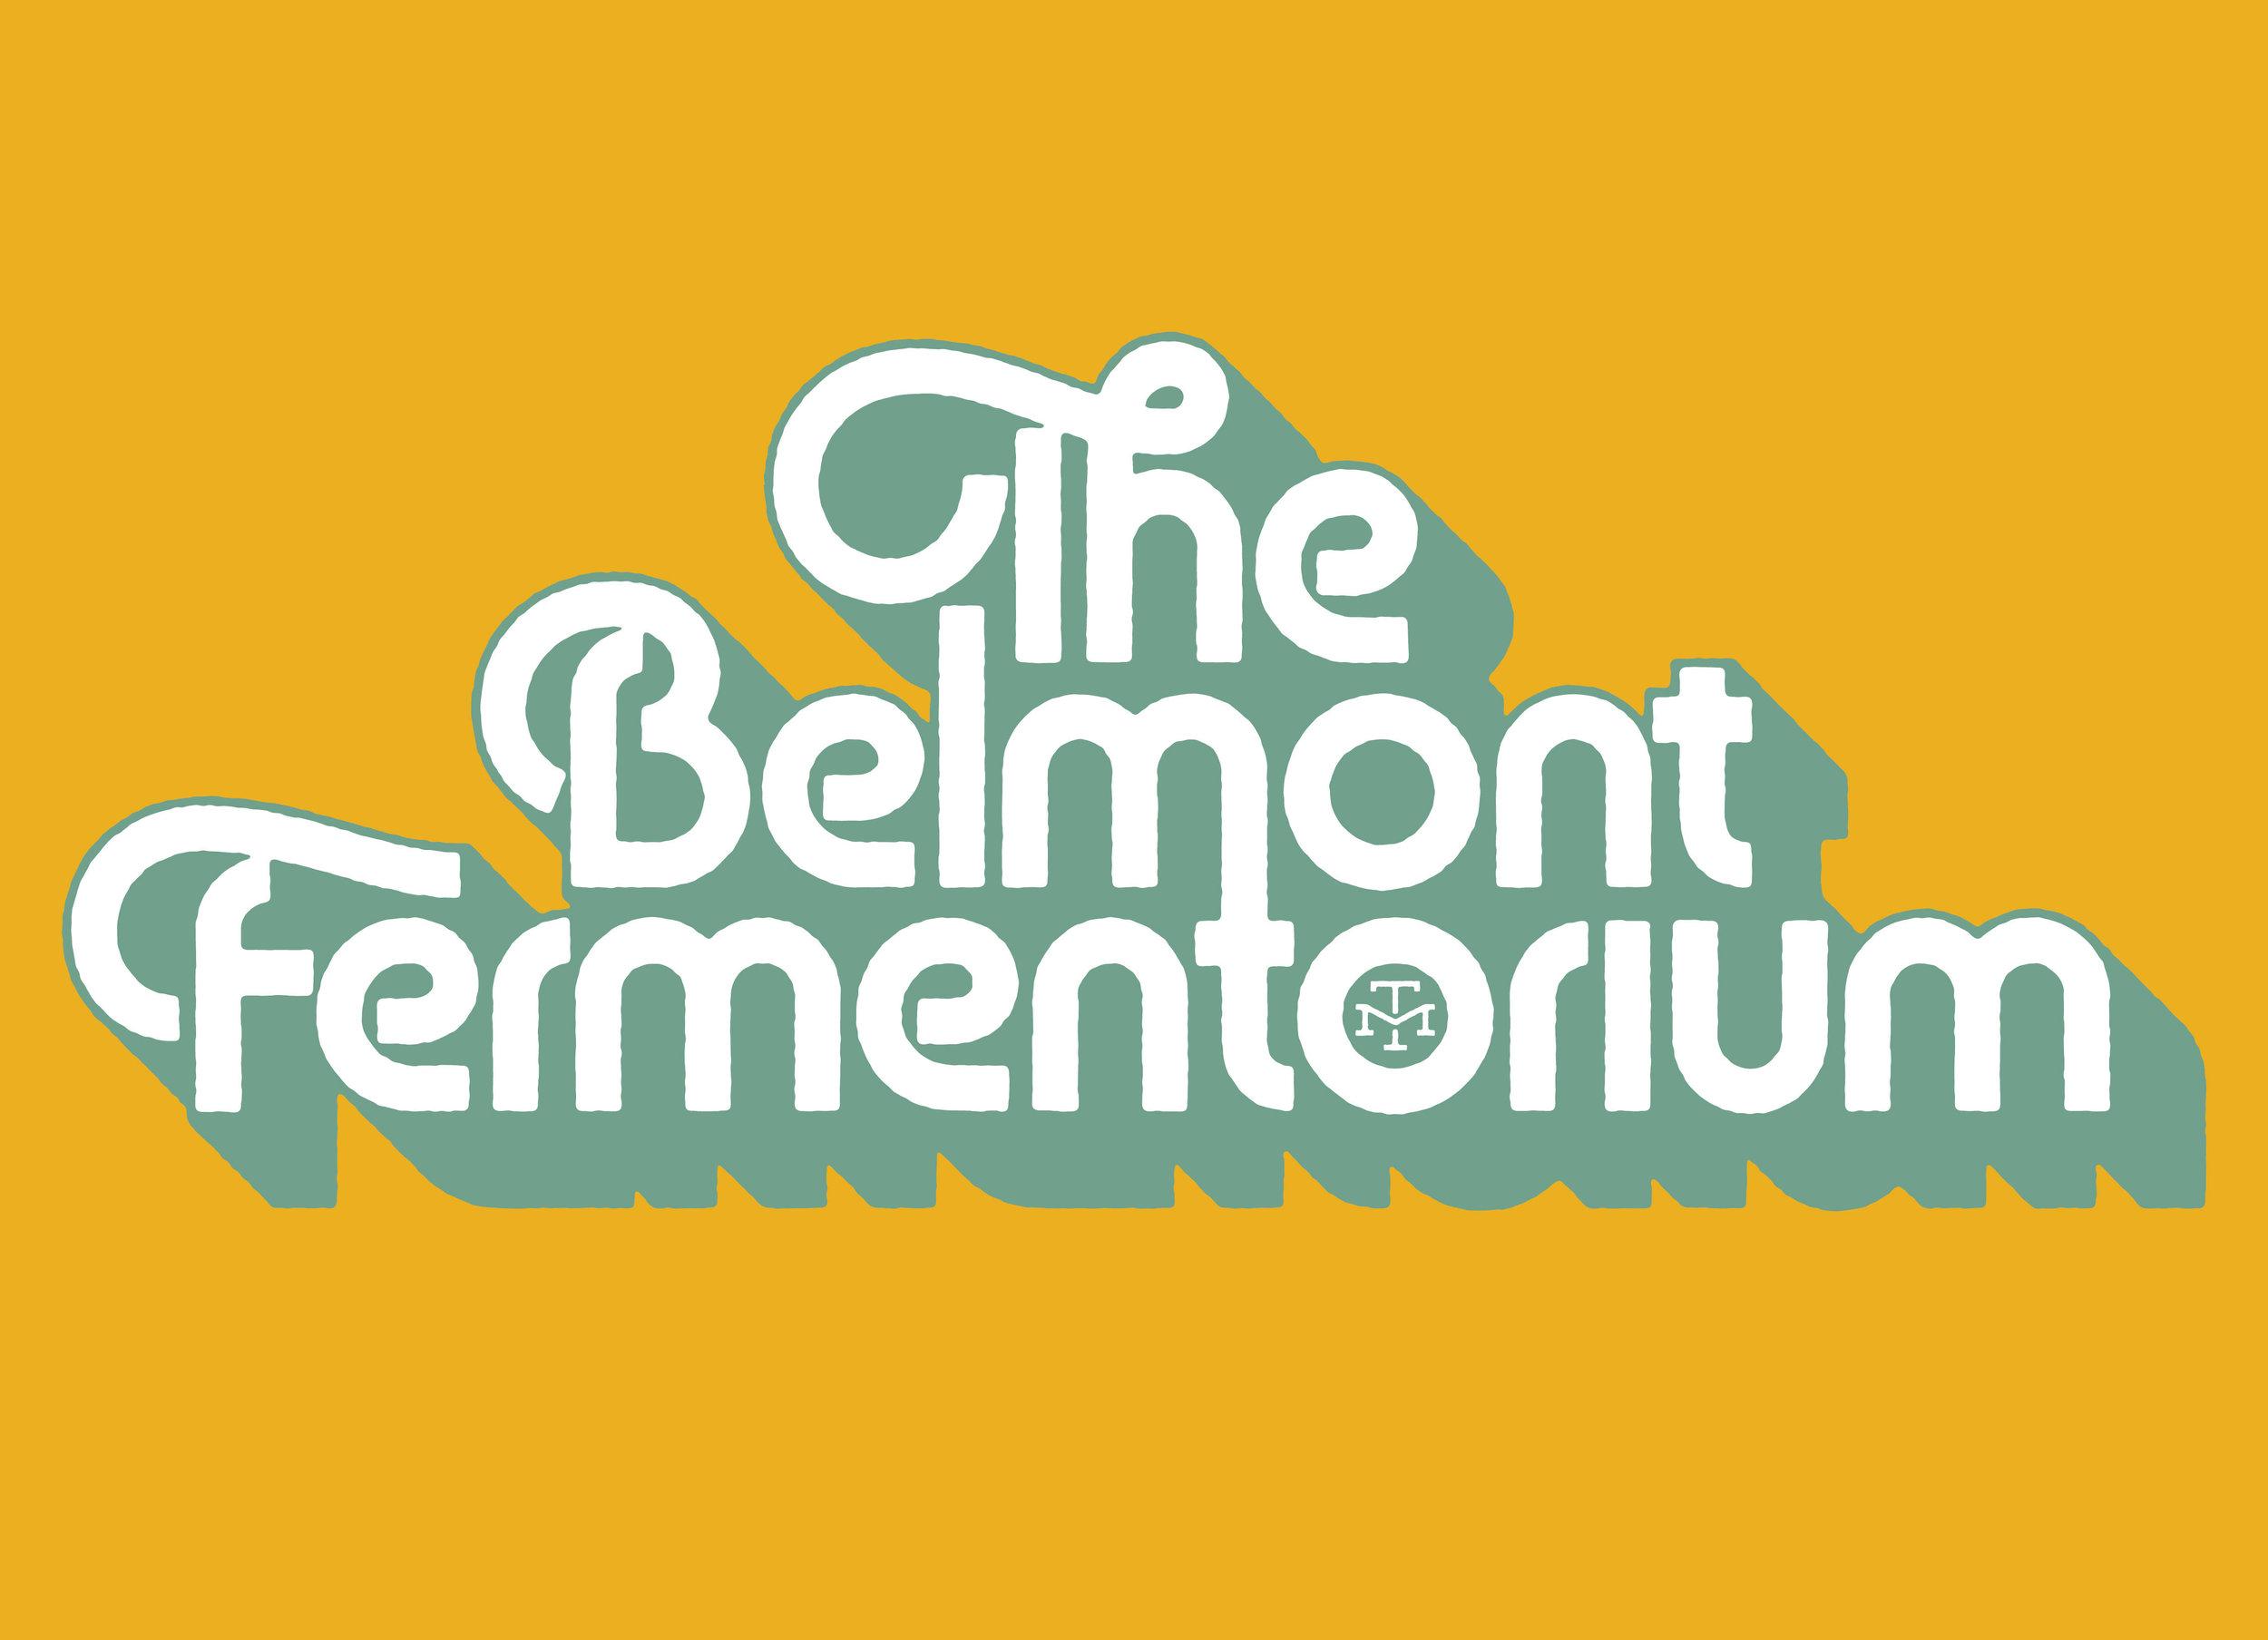 modern times belmont fermentorium.jpg